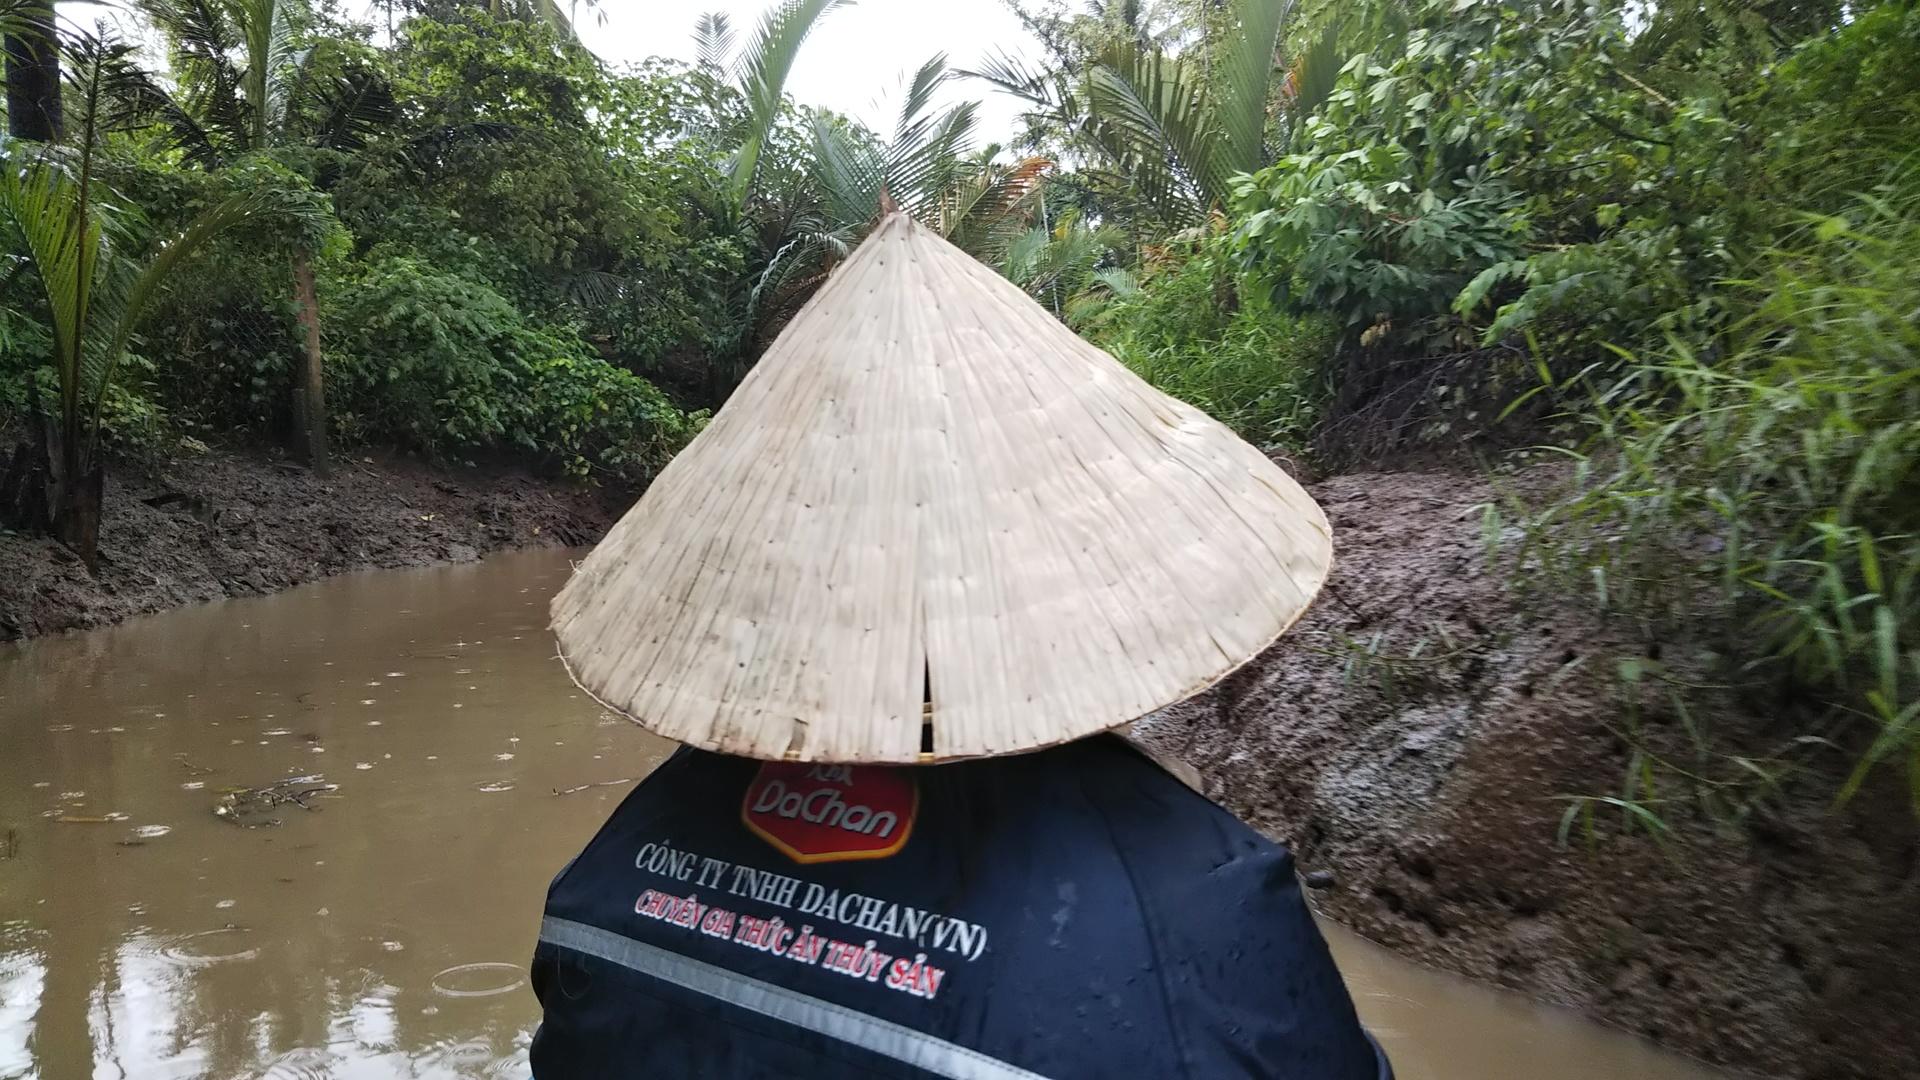 大人二人、小学生二人で参加しました。 メコン川クルーズでは大きなヘビを肩に乗せて写真を撮らせてもらえたり、ココナツキャンディ作りを見学したり子ども達は楽しんでいました。途中大雨が降り、本当に日本では記録的豪雨となるくらいの大雨でしたが、ほんの10分ほどで小雨になり雨宿り後再出発です。最初にカッパをもらえたのですが、素材がすごく悪くすぐに破けるので、日本からカッパ、雨傘を持っていかれることをオススメします。 水上人形劇は大人でも、楽しめる内容でした。そのあとすぐにディナークルーズへ向かい7人~8人で1テーブルで相席ですが楽しくクルーズできました。食事も色々出ましたが全体的に美味しくいただきました。